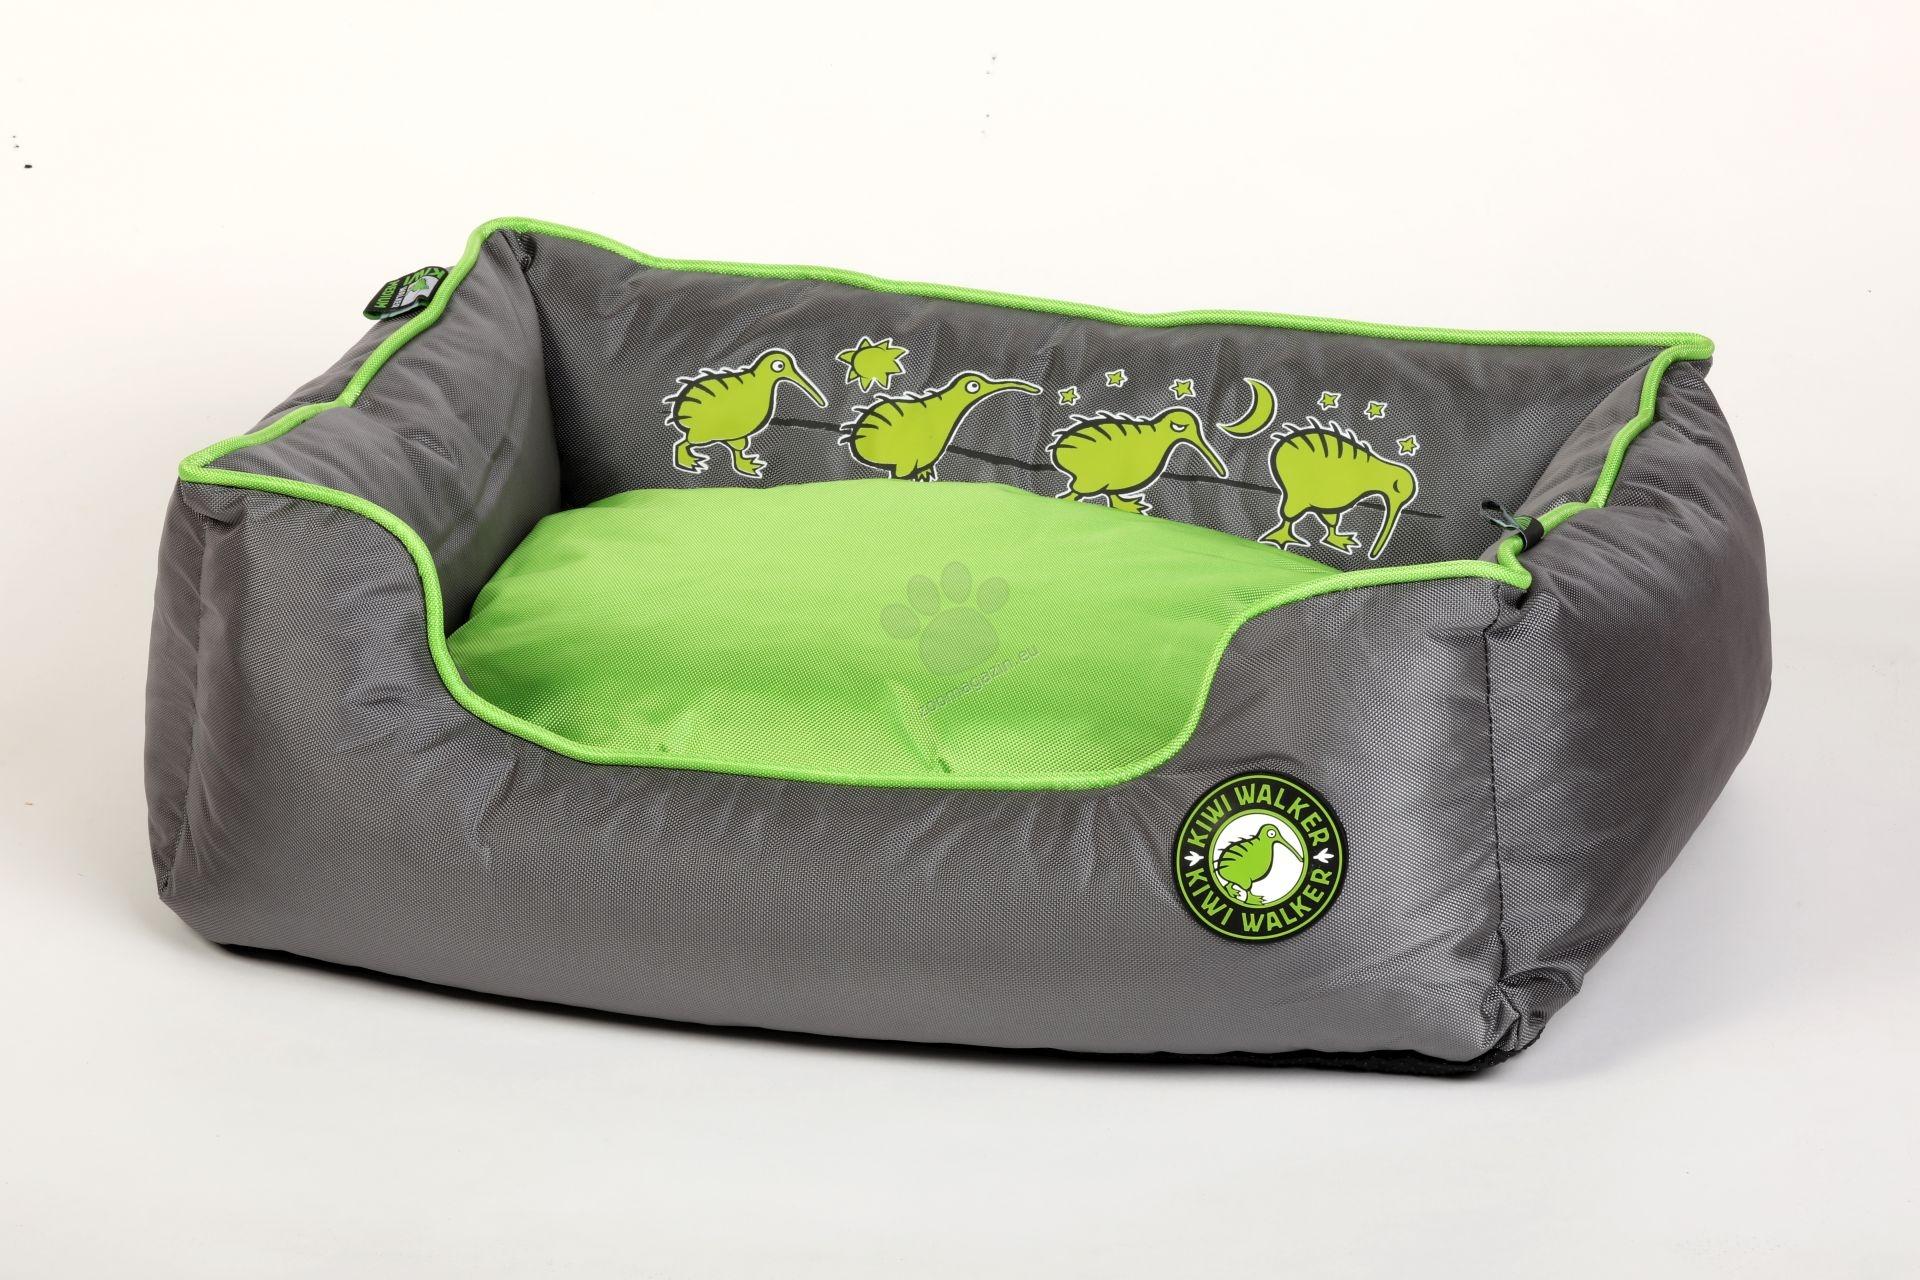 Kiwi Walker Bed Running XXL - ортопедично легло с мемори пяна 110 / 80 / 30 см. / розов, оранжев, зелен /